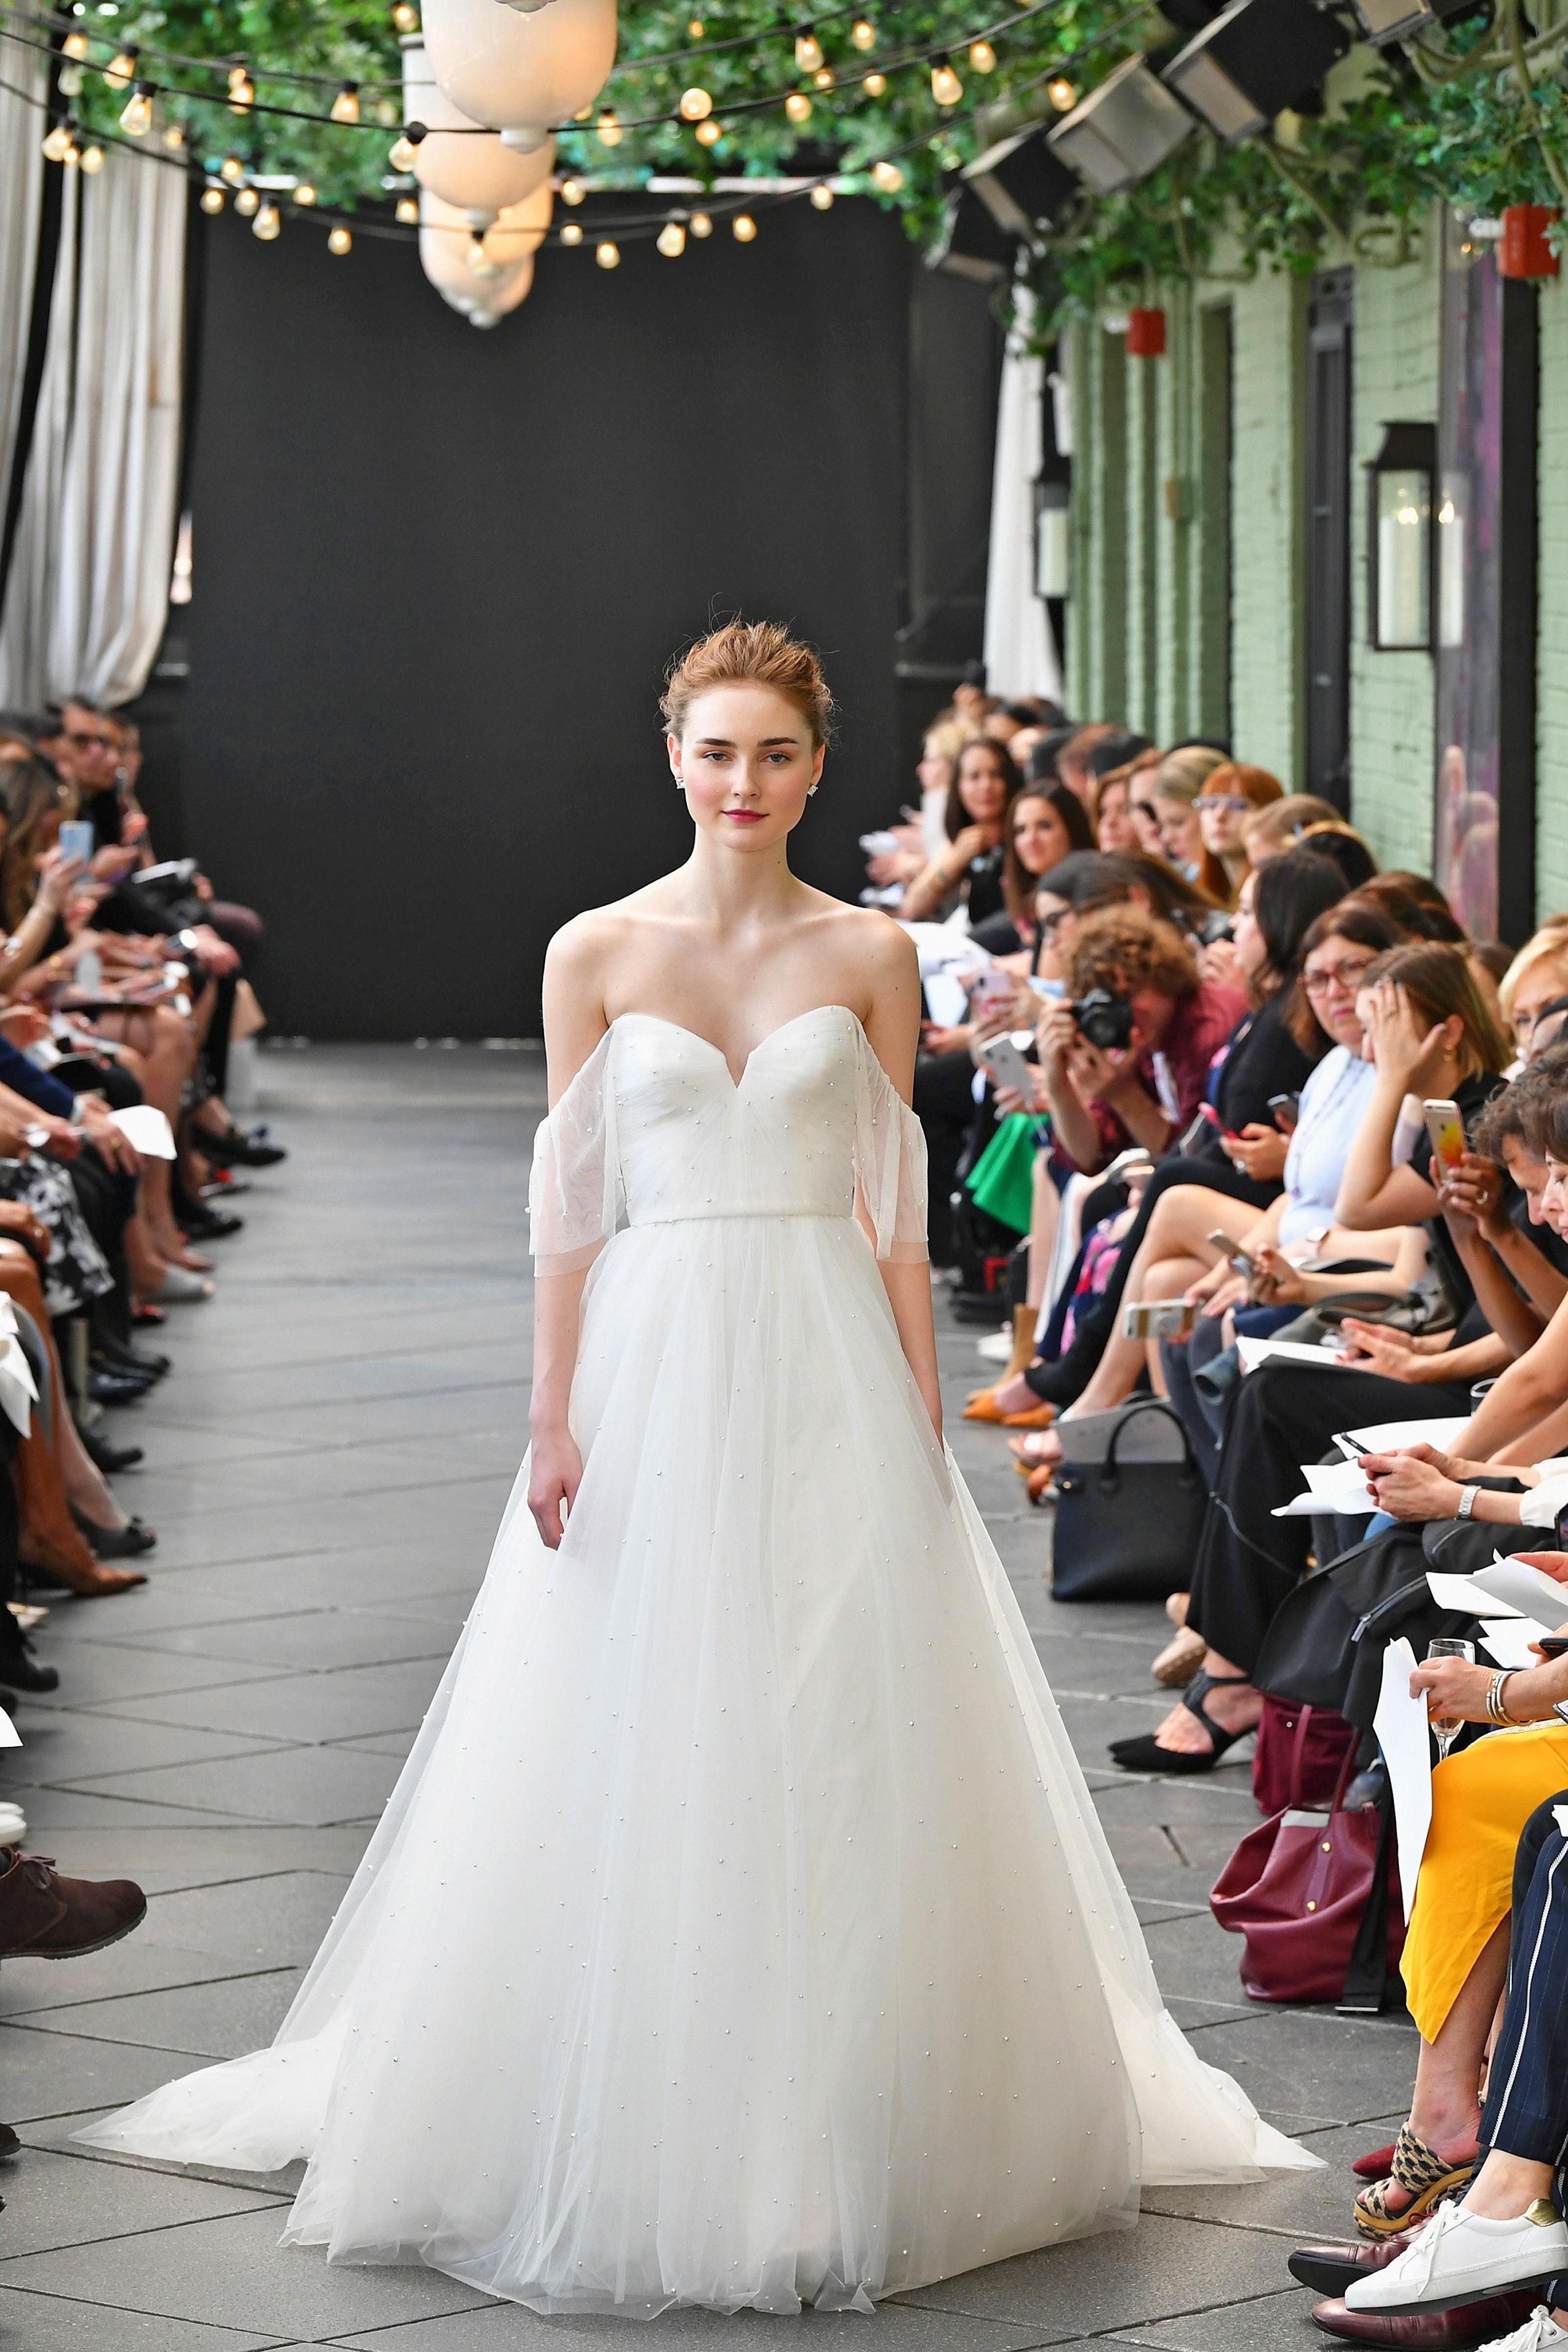 nouvelle amsale wedding dress spring 2019 off-the-shoulder sweetheart